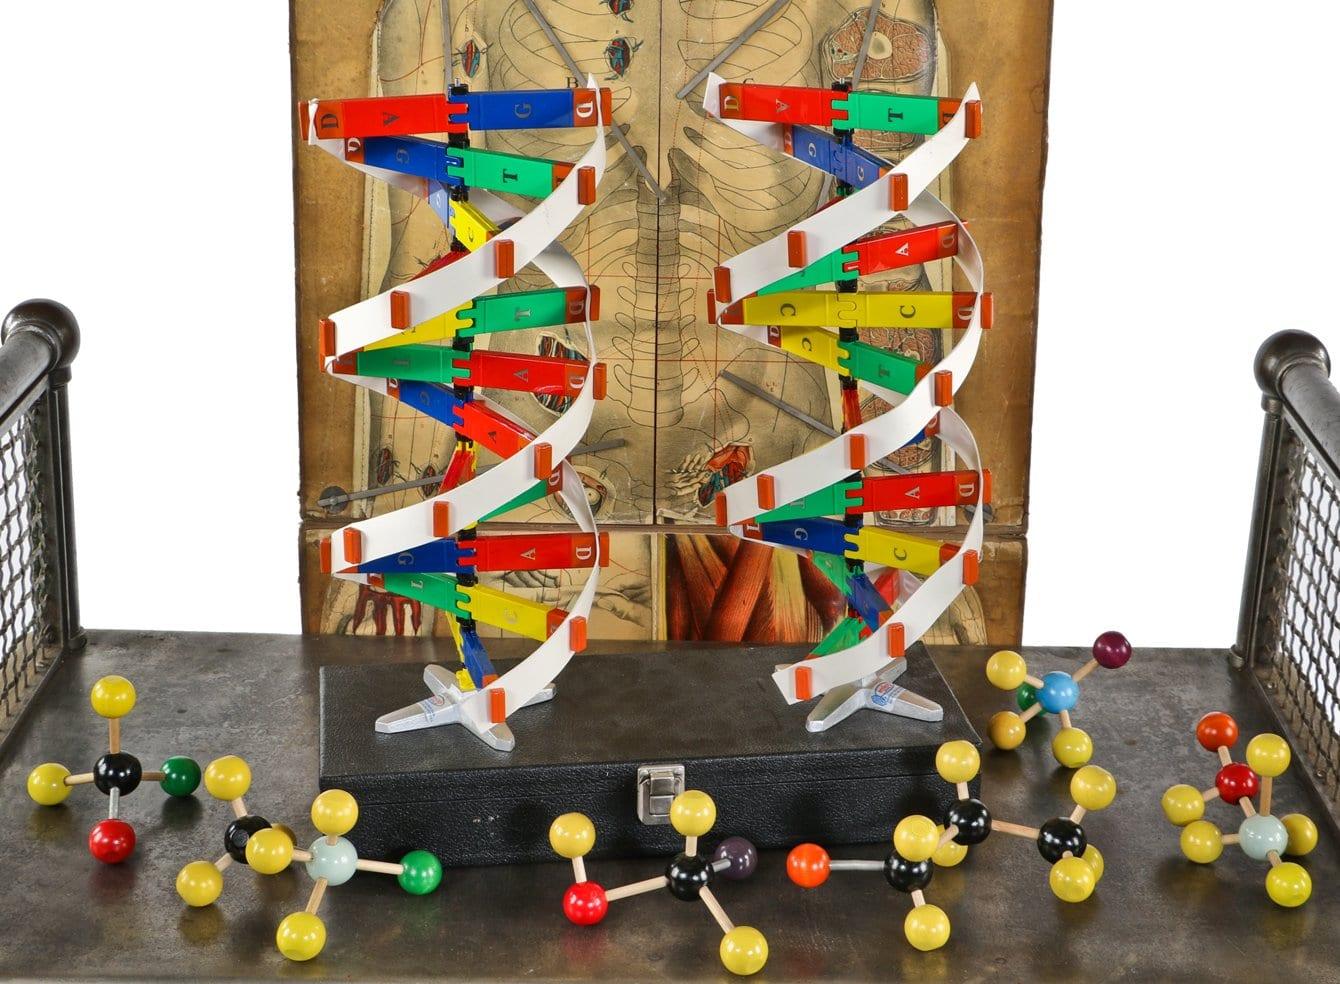 Wood Molecules Strands Of Dna A Diminutive Skeleton Illustrated